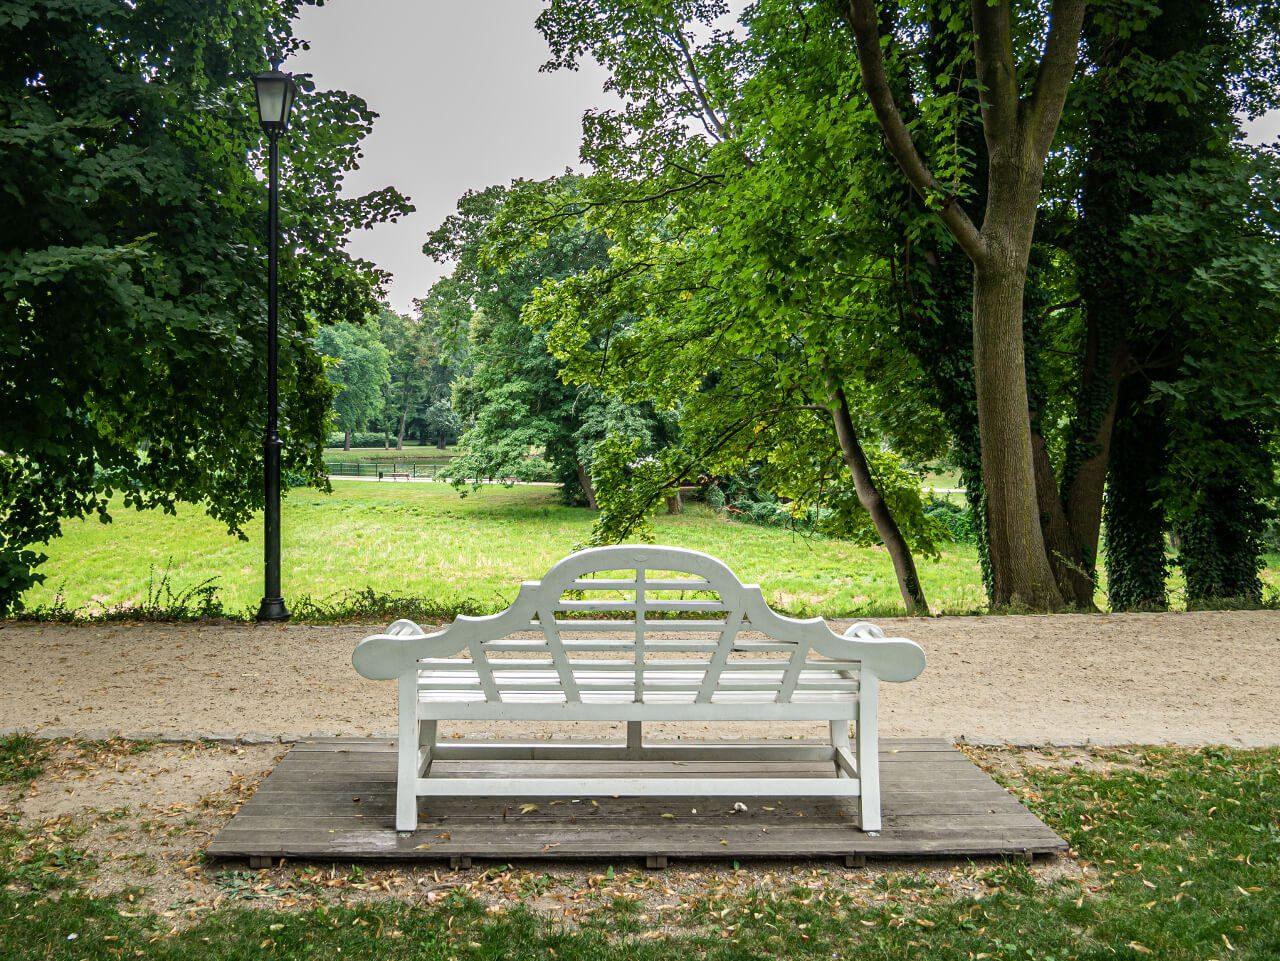 Ławeczka Bironów park miejski syców